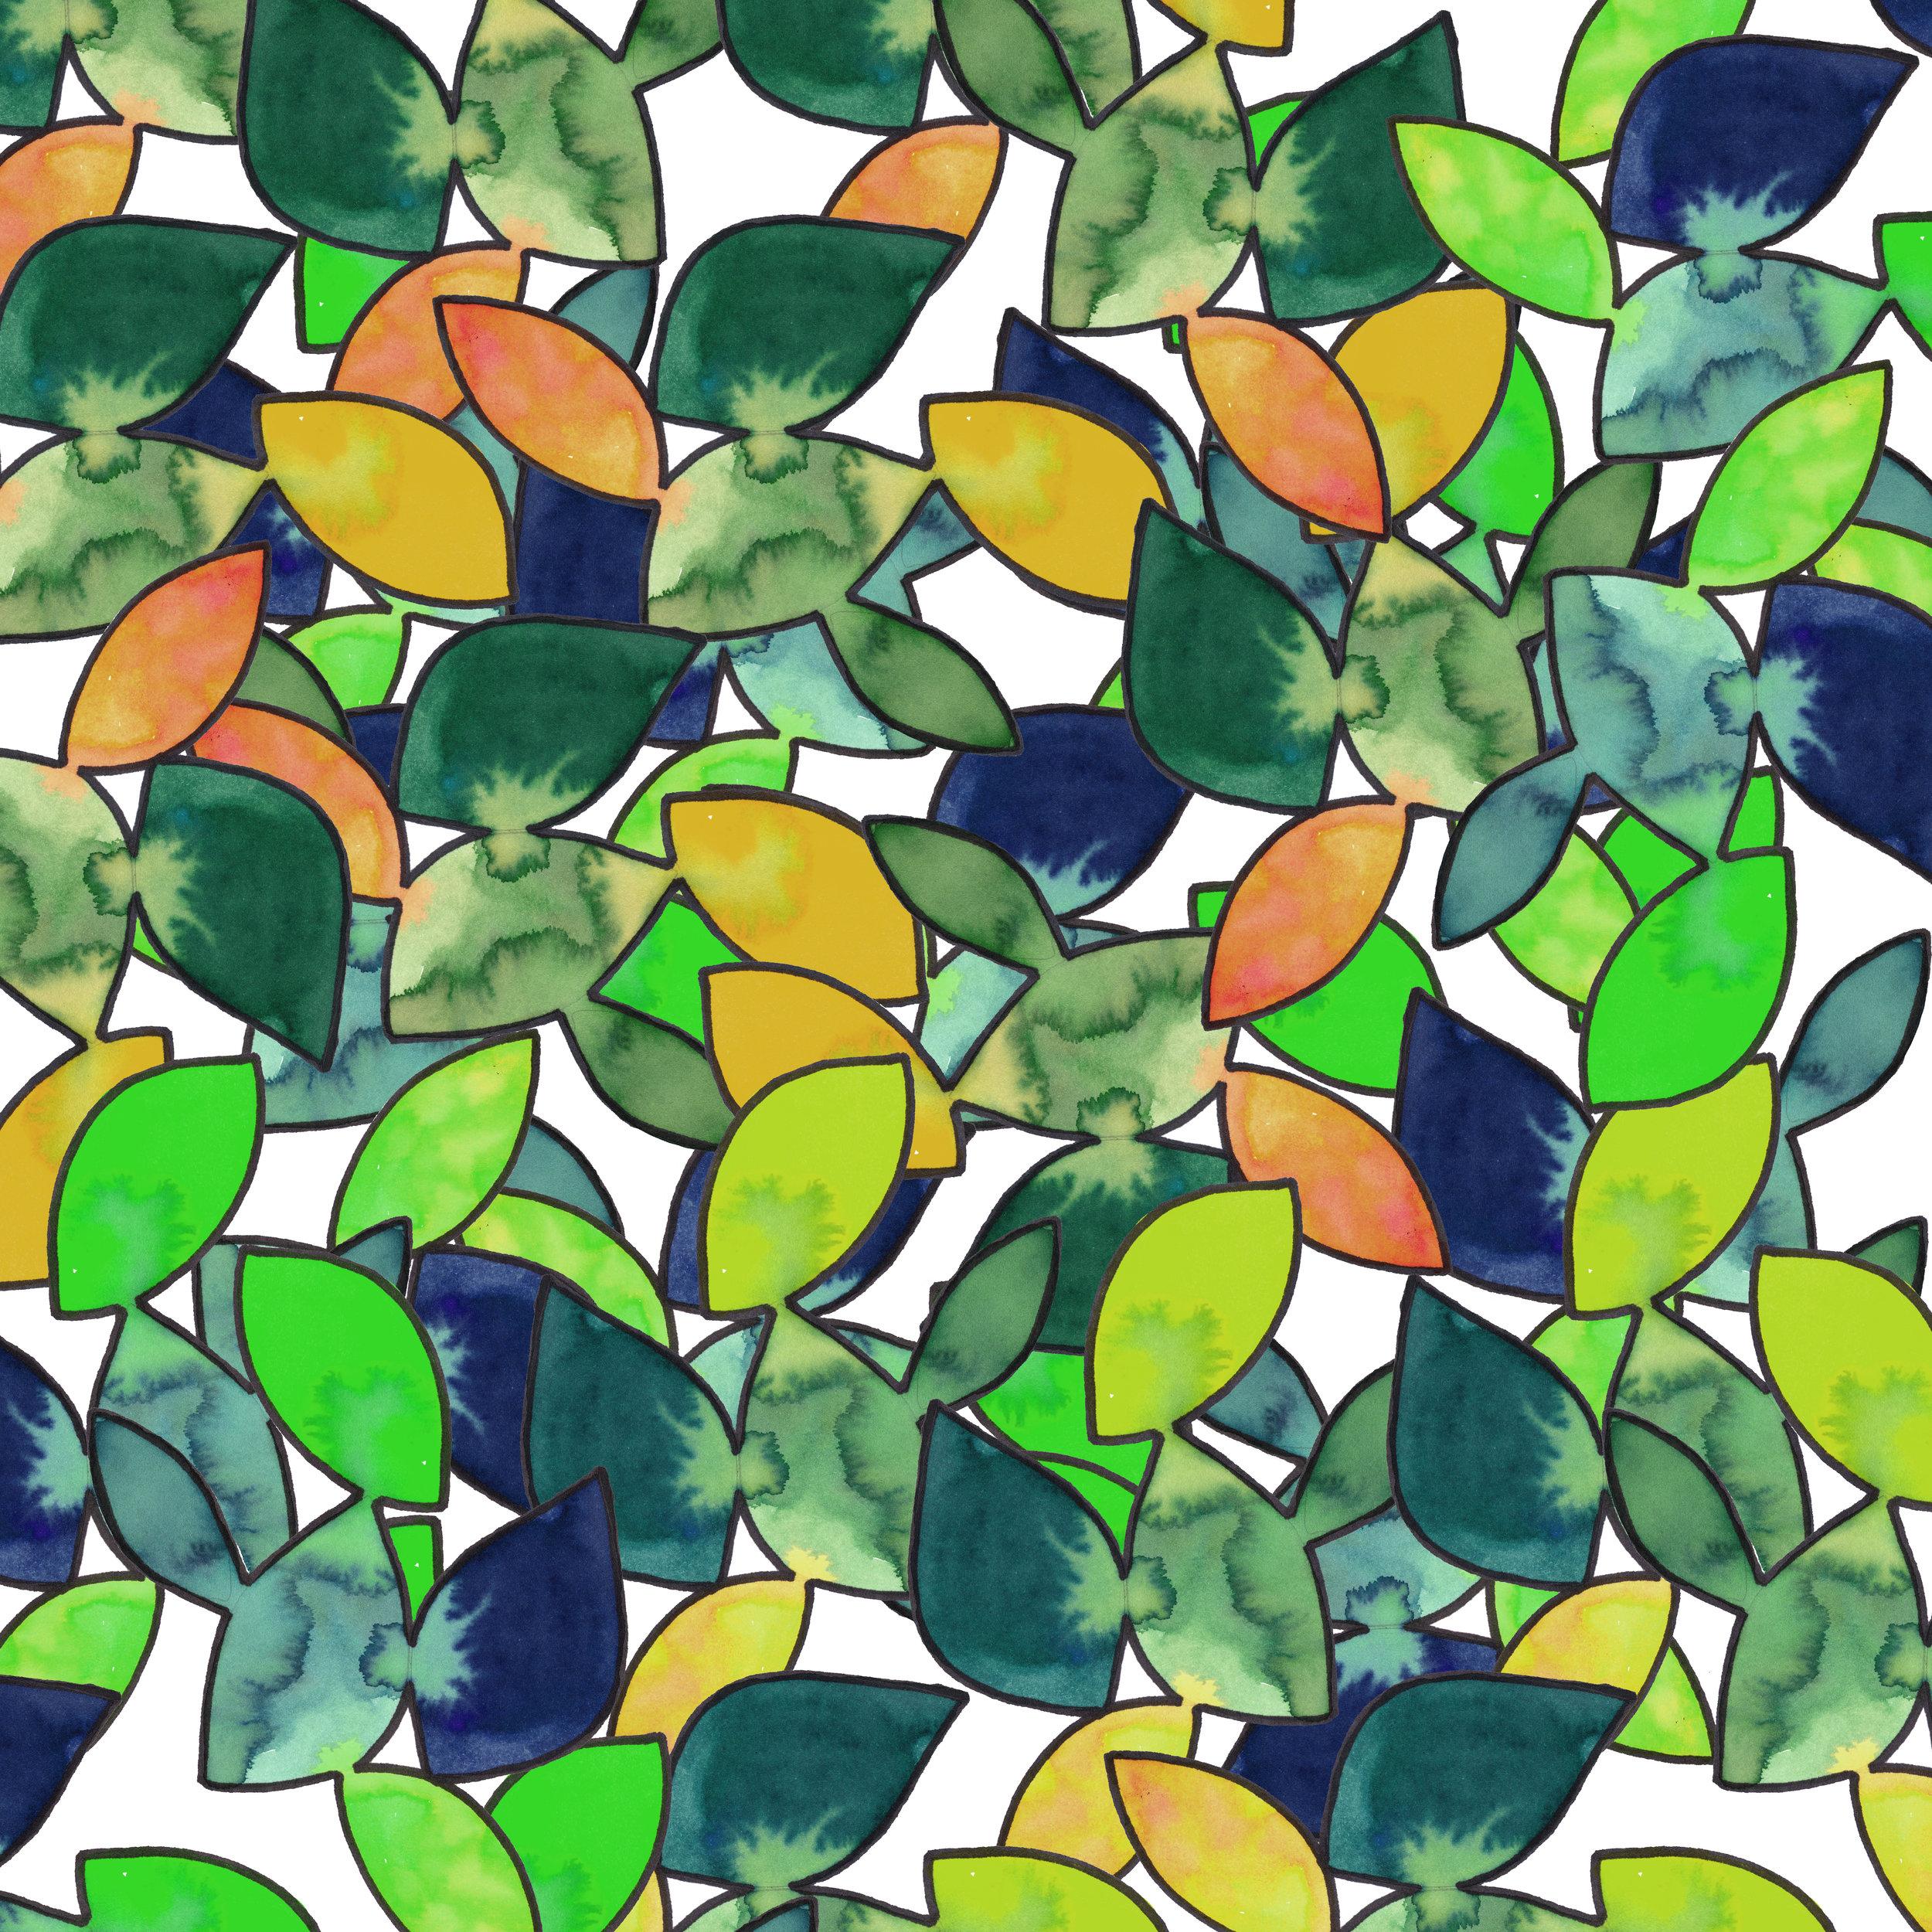 blue leaf copy 2.jpg